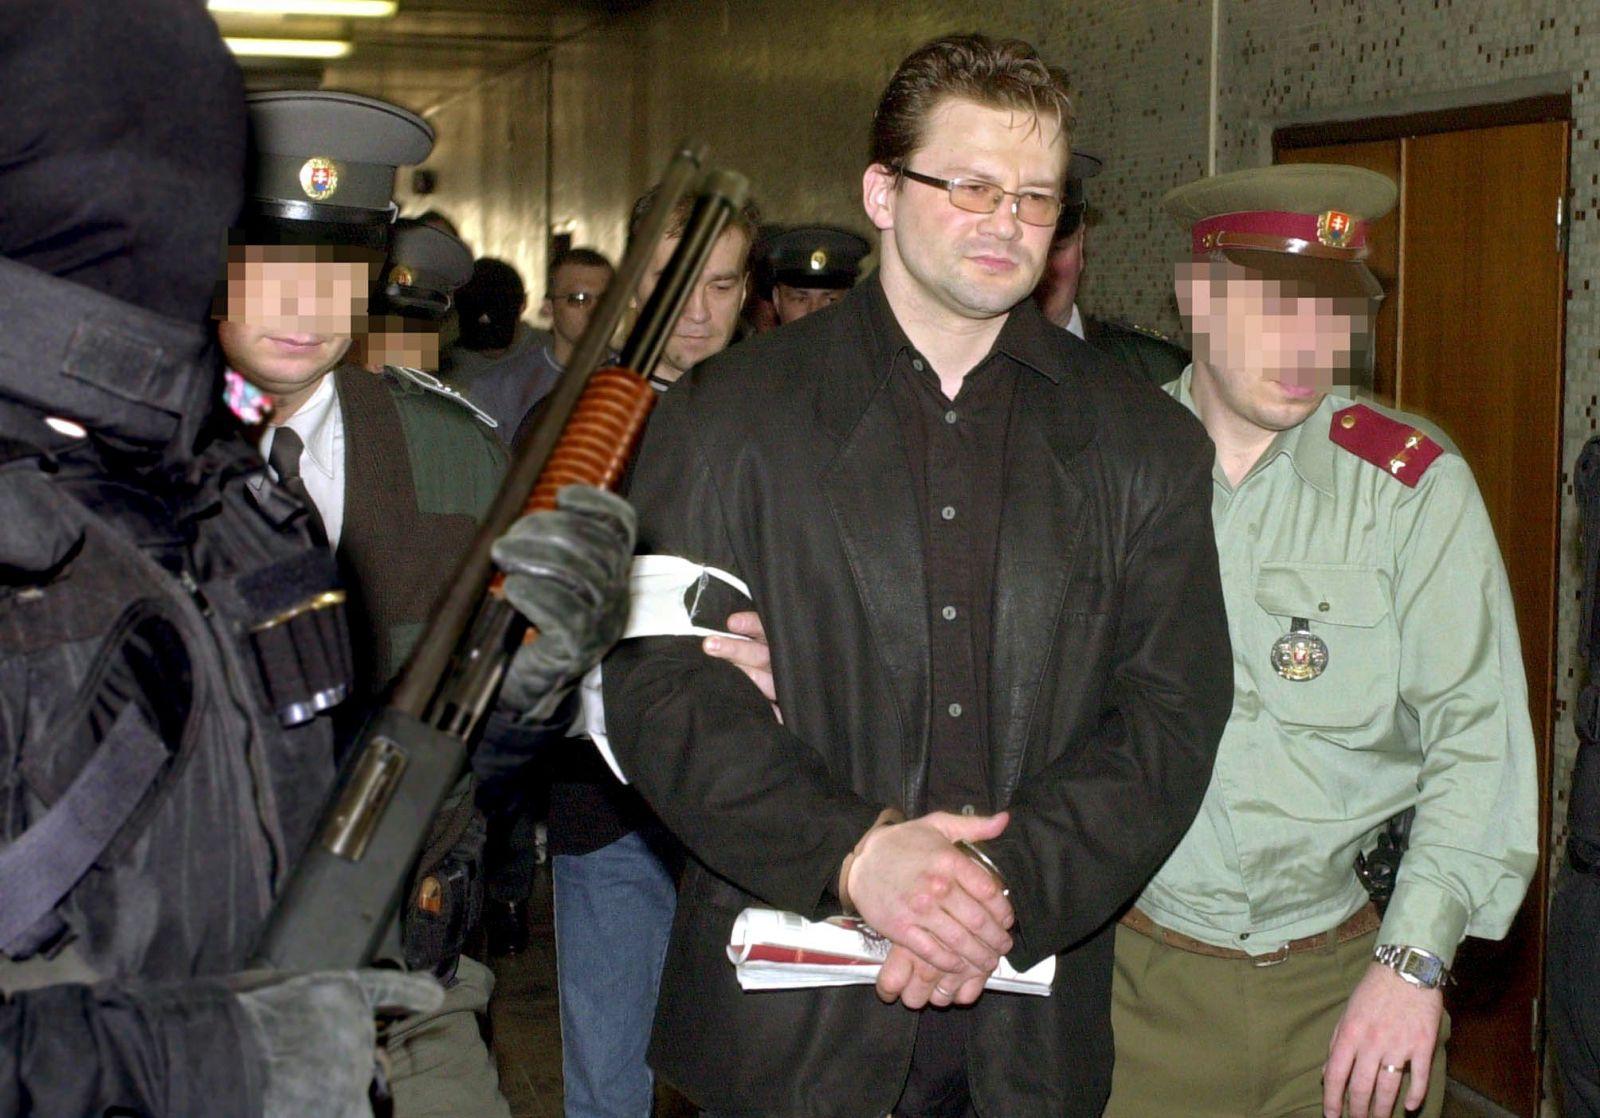 Šéf košickej mafie ubil k smrti policajta. Východu kraľoval až do zásahu Mikuláša Černáka